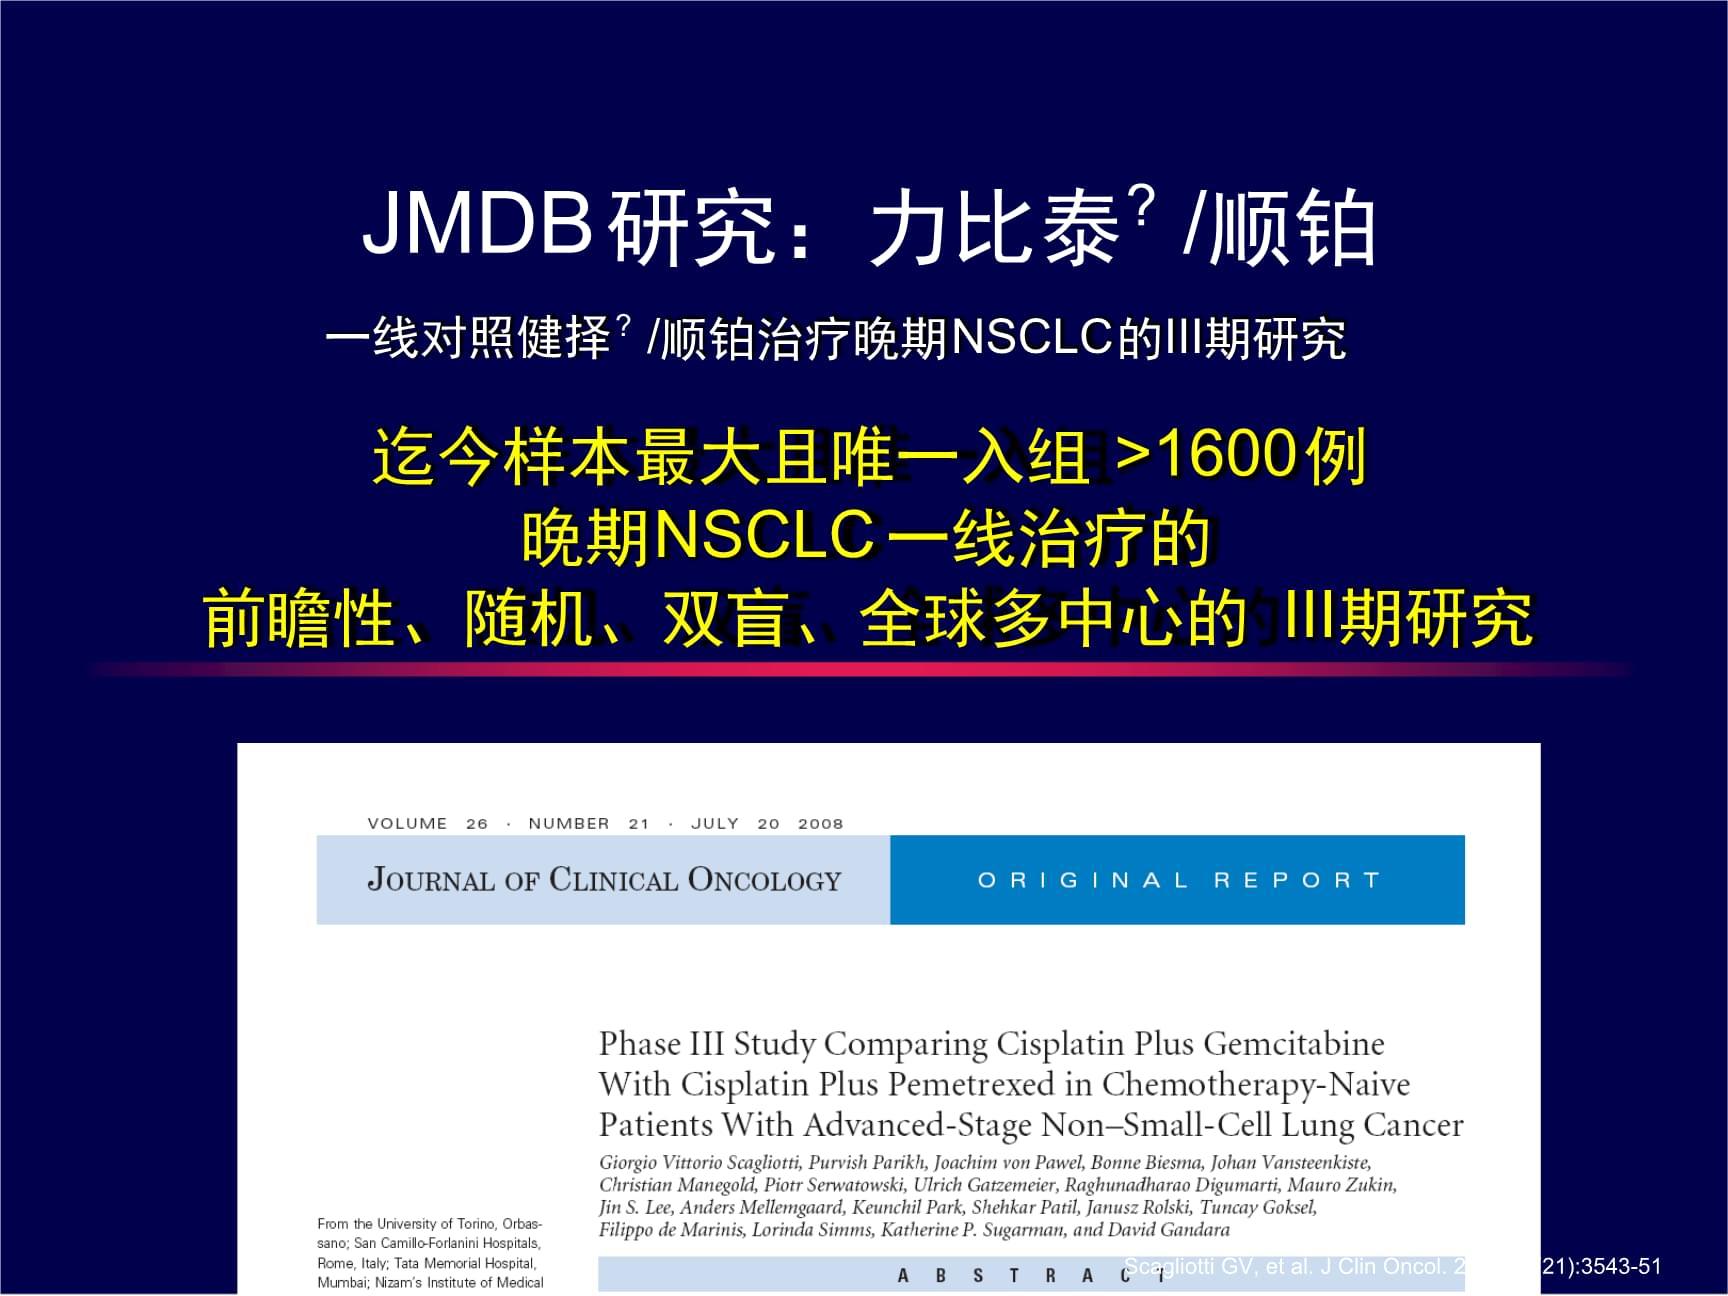 JMDB研究参考幻灯片.ppt